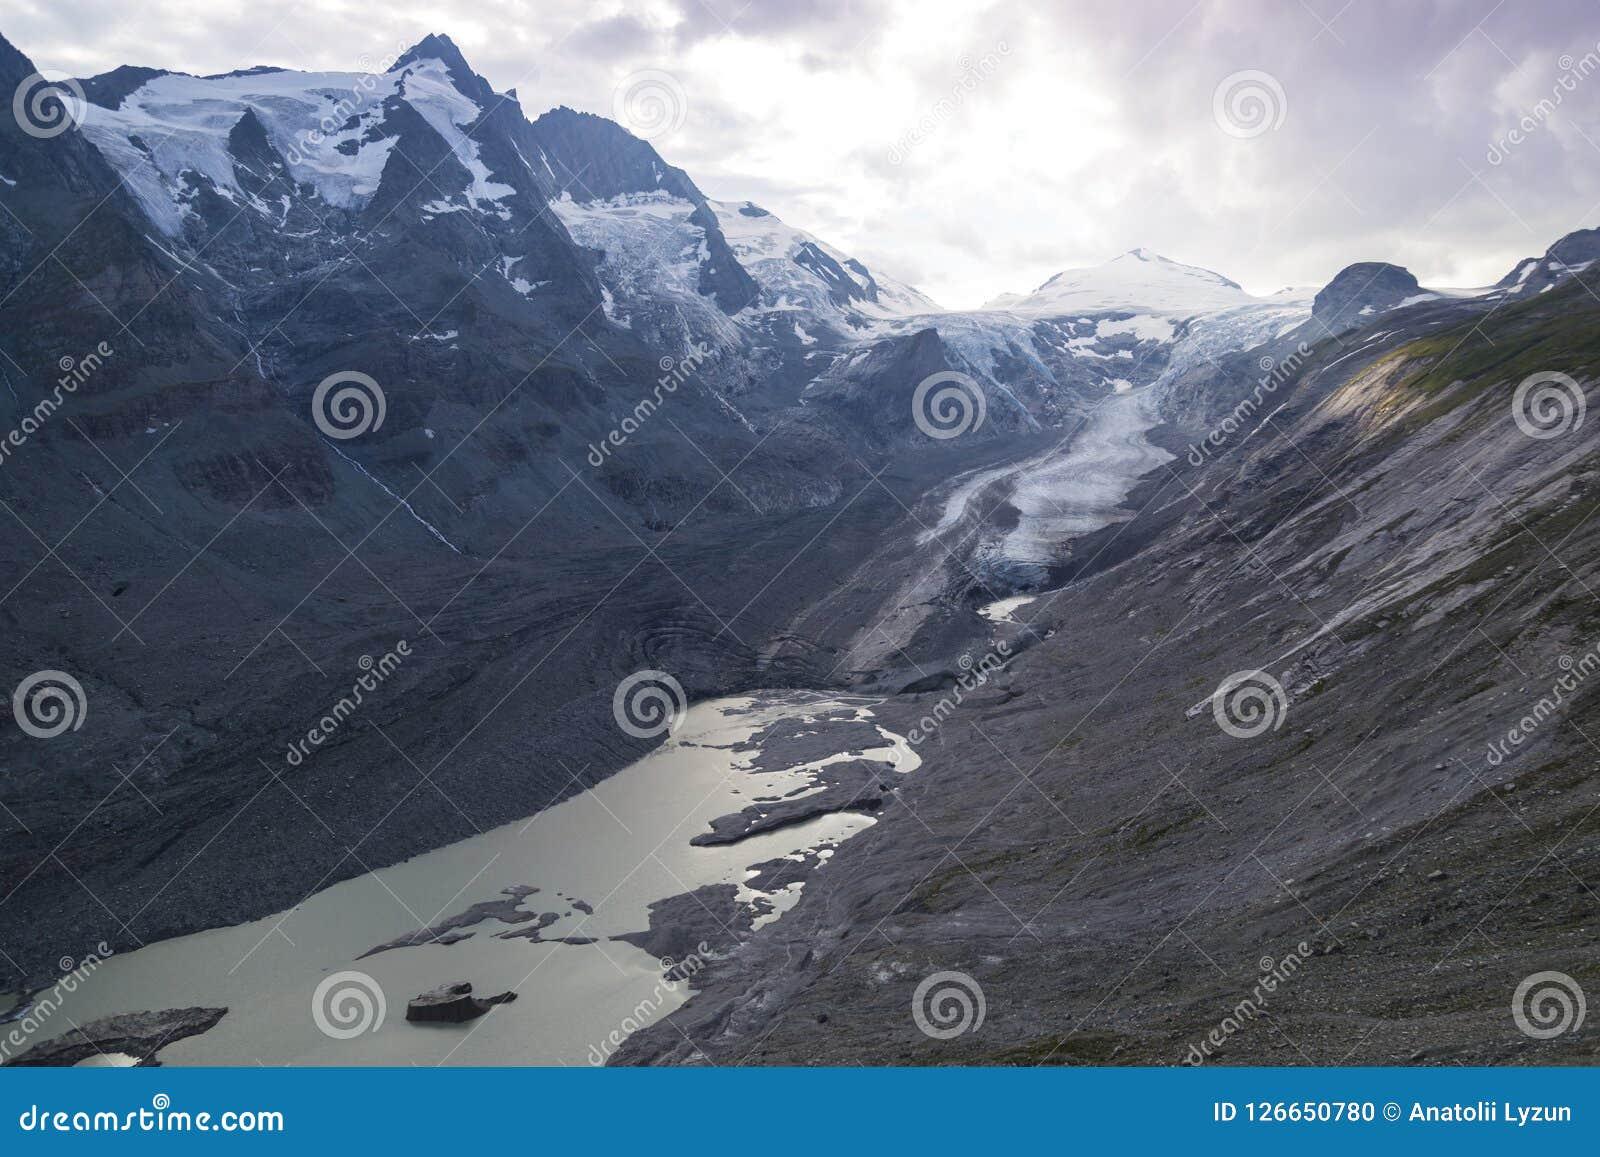 Glaciar de Pasterze Alto camino alpestre de Grossglockner austria